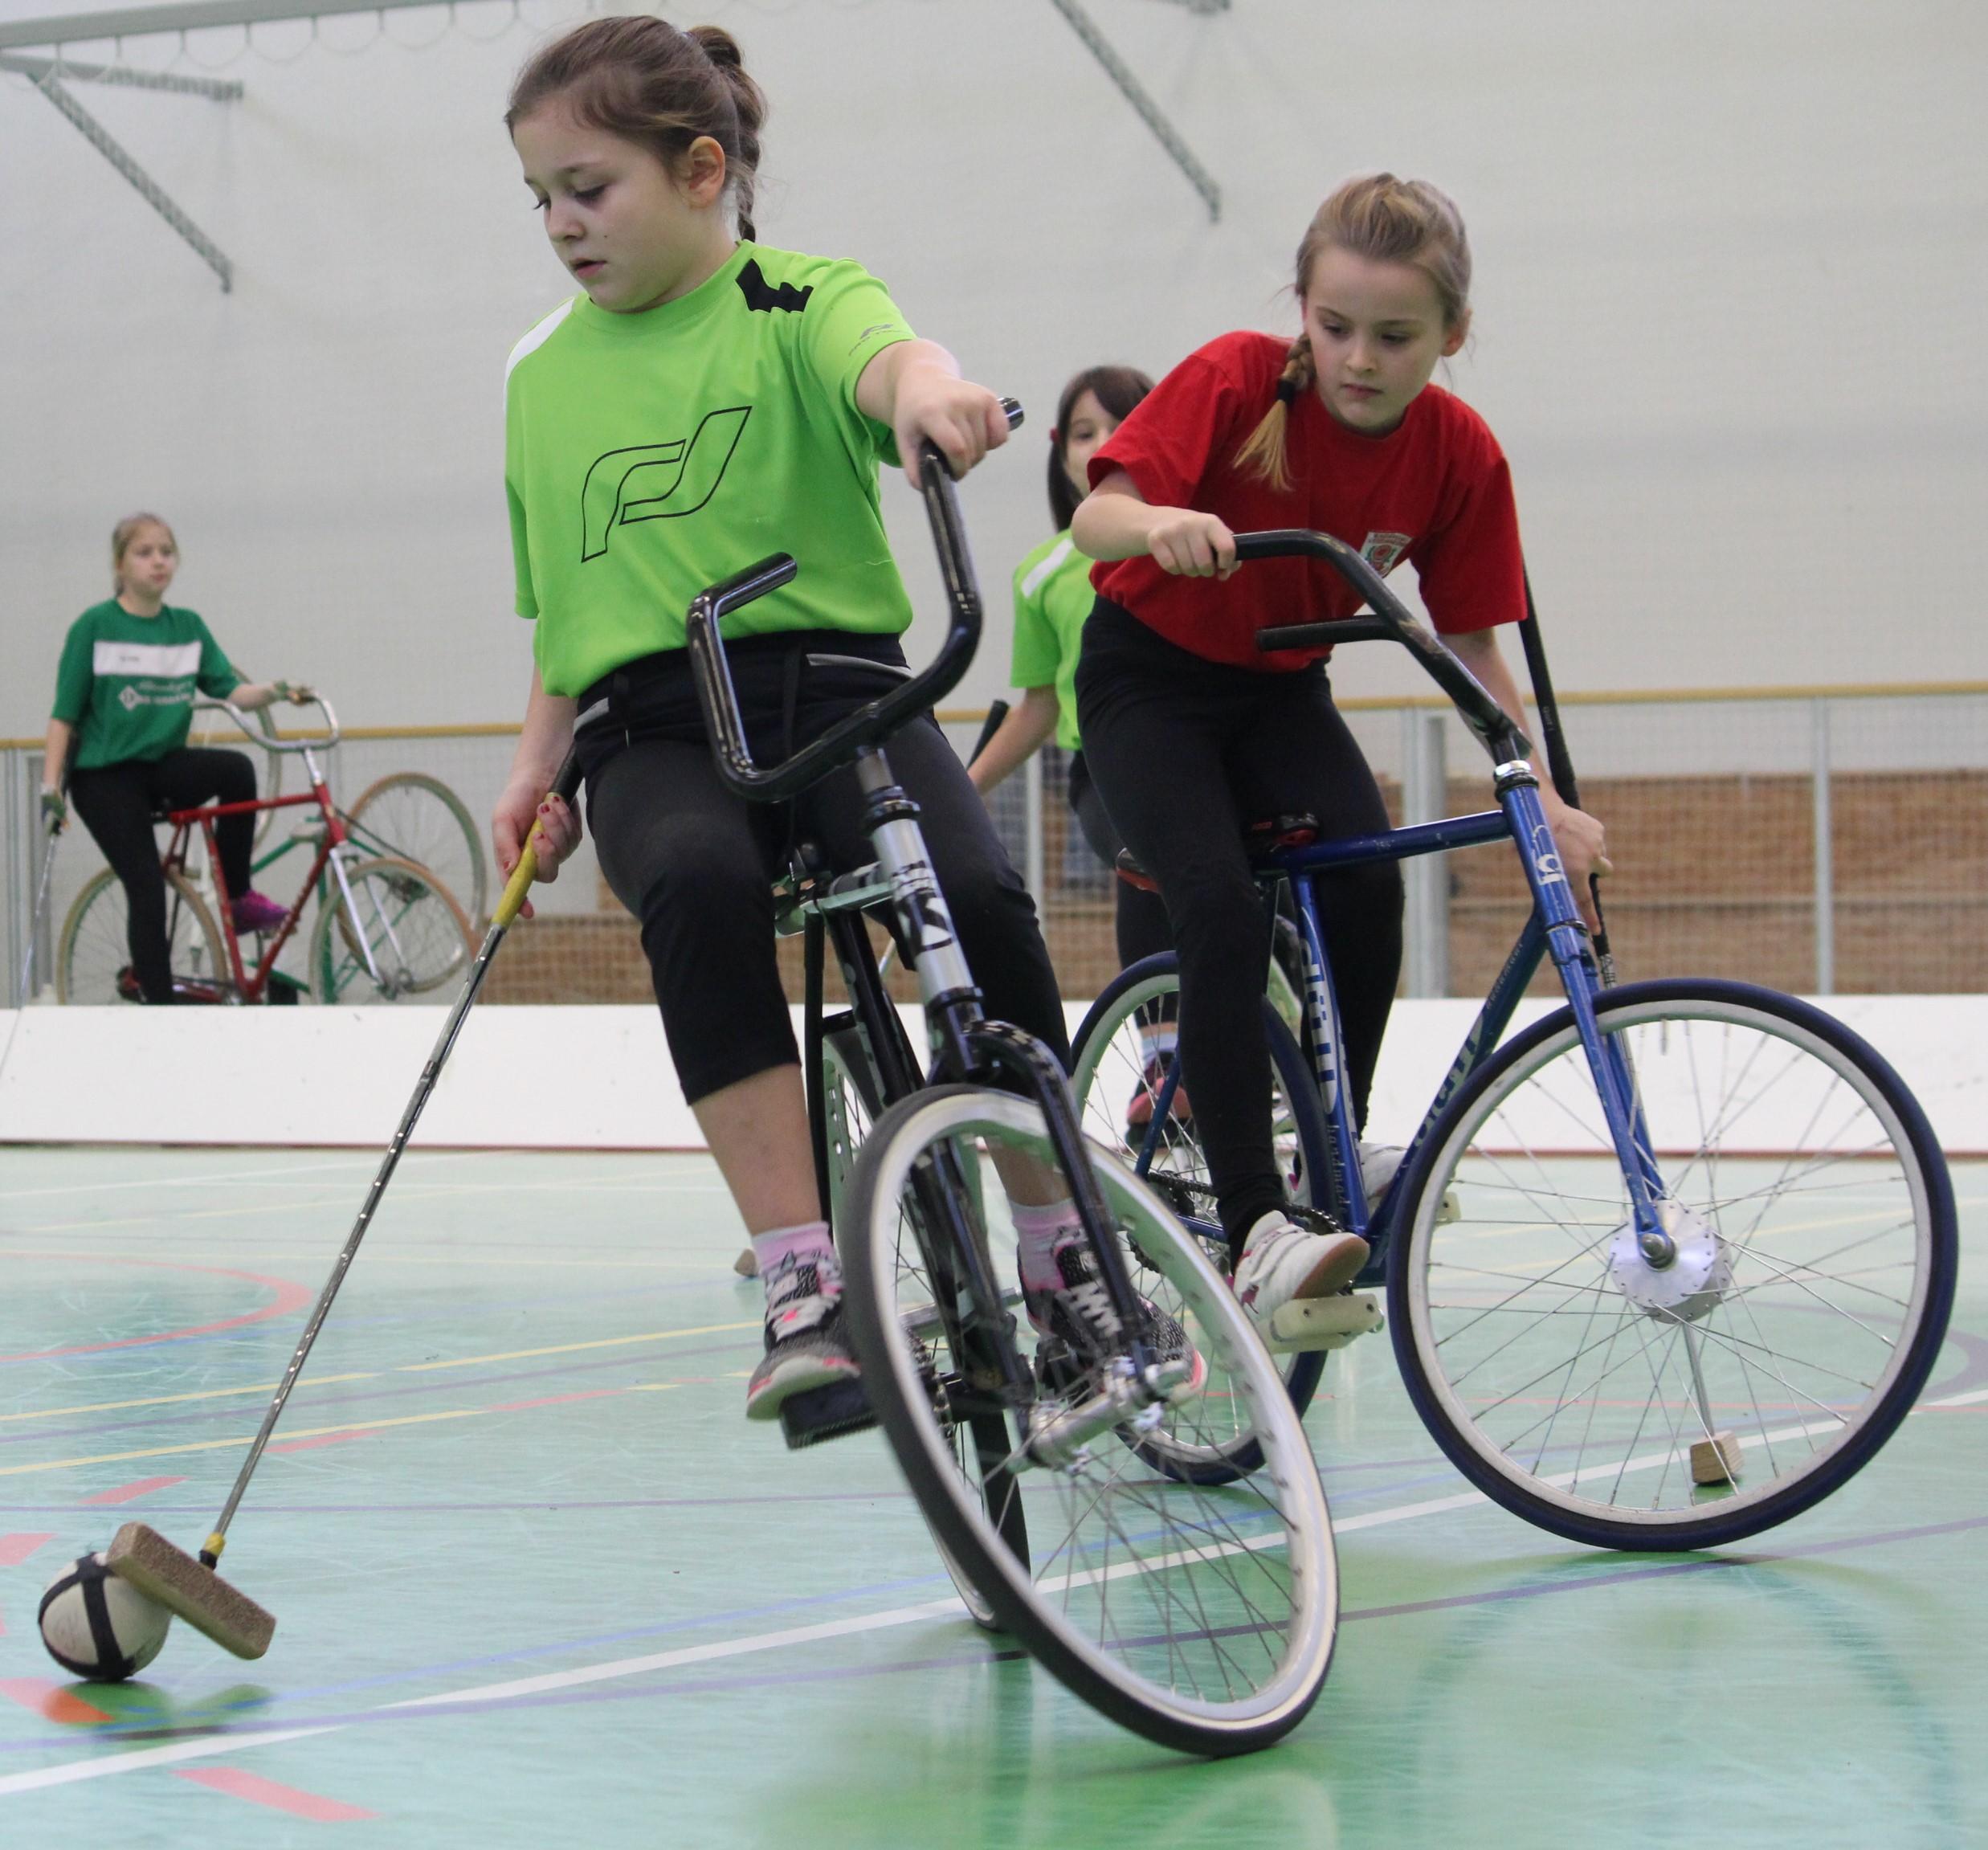 Foto Landesverband Radsport Sachsen-Anhalt eV (5)